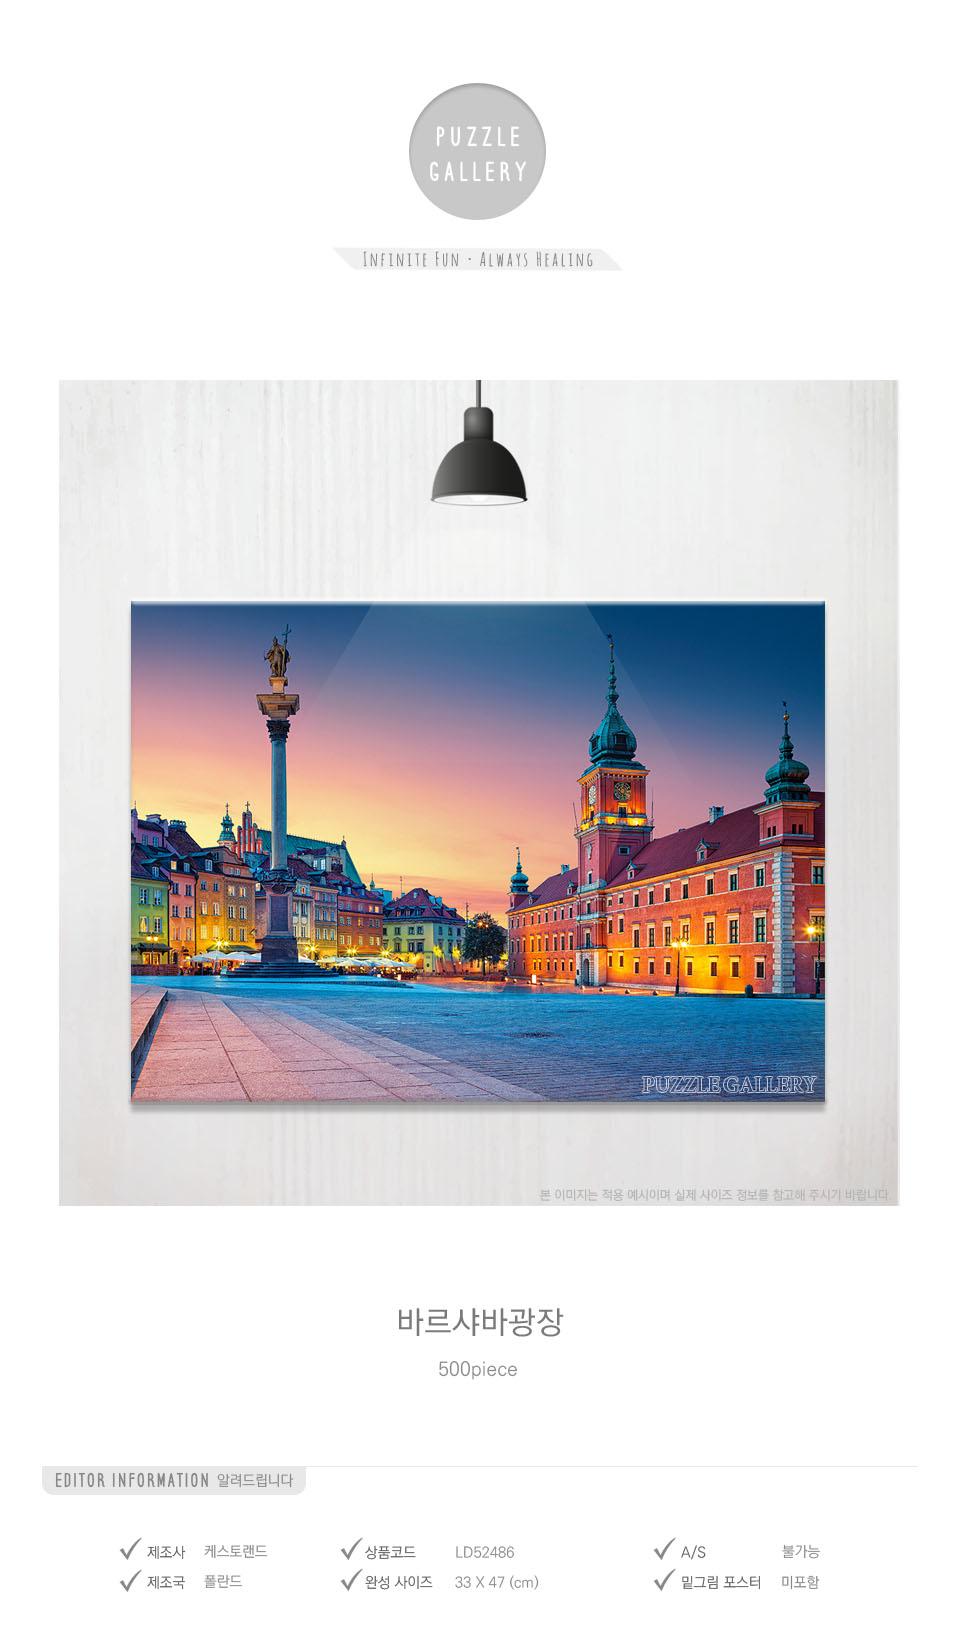 500조각 직소퍼즐 - 바르샤바 광장 (LD52486) - 퍼즐갤러리, 20,000원, 조각/퍼즐, 풍경 직소퍼즐